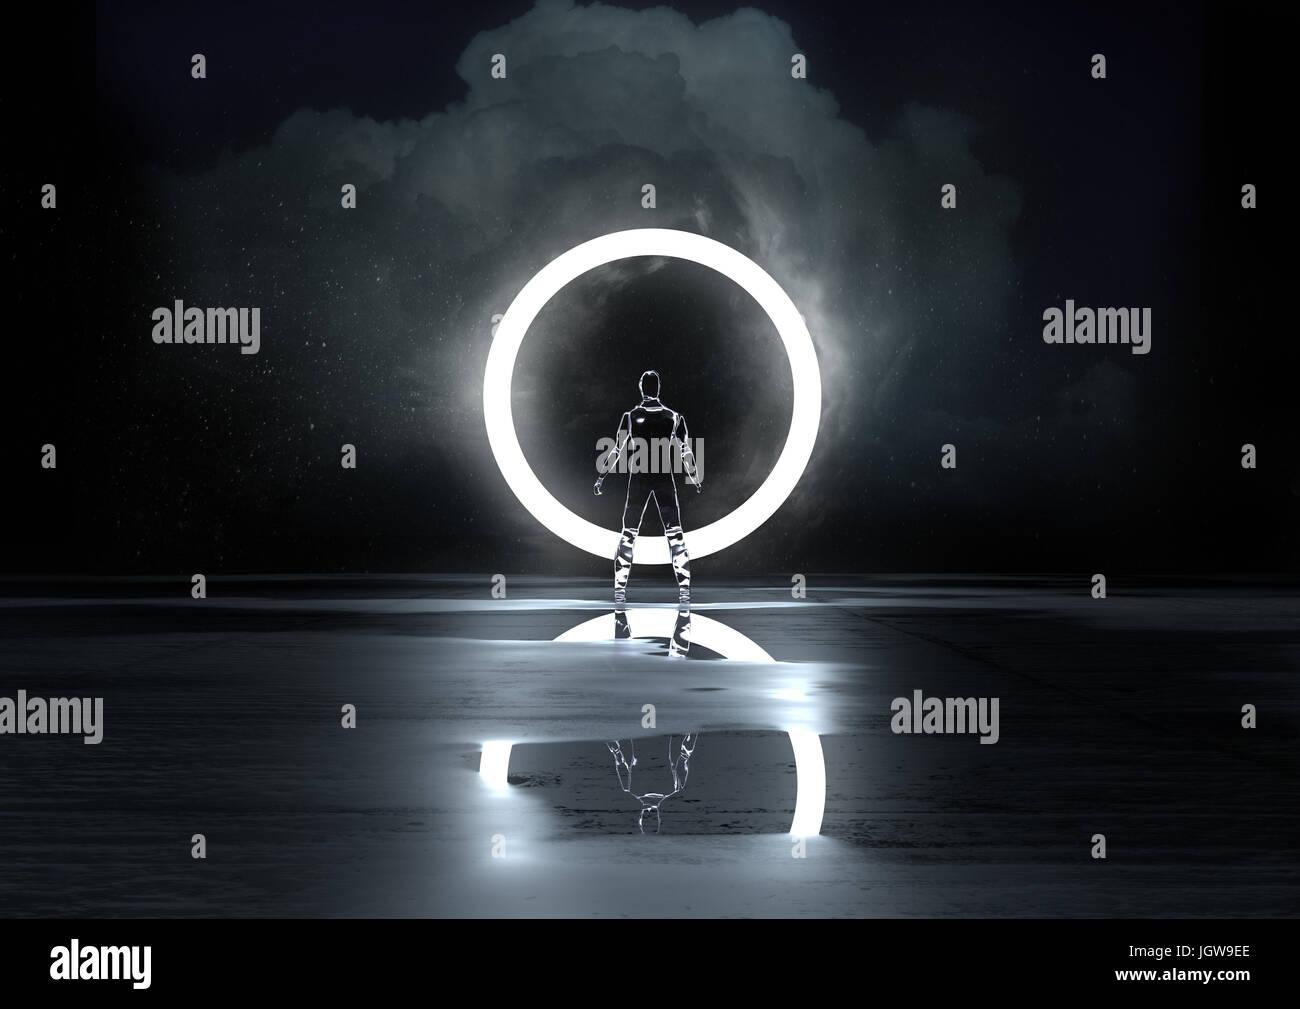 Cercle de lumière. Un verre figure éclairée la nuit par un cercle de lumière. 3D Illustration Photo Stock